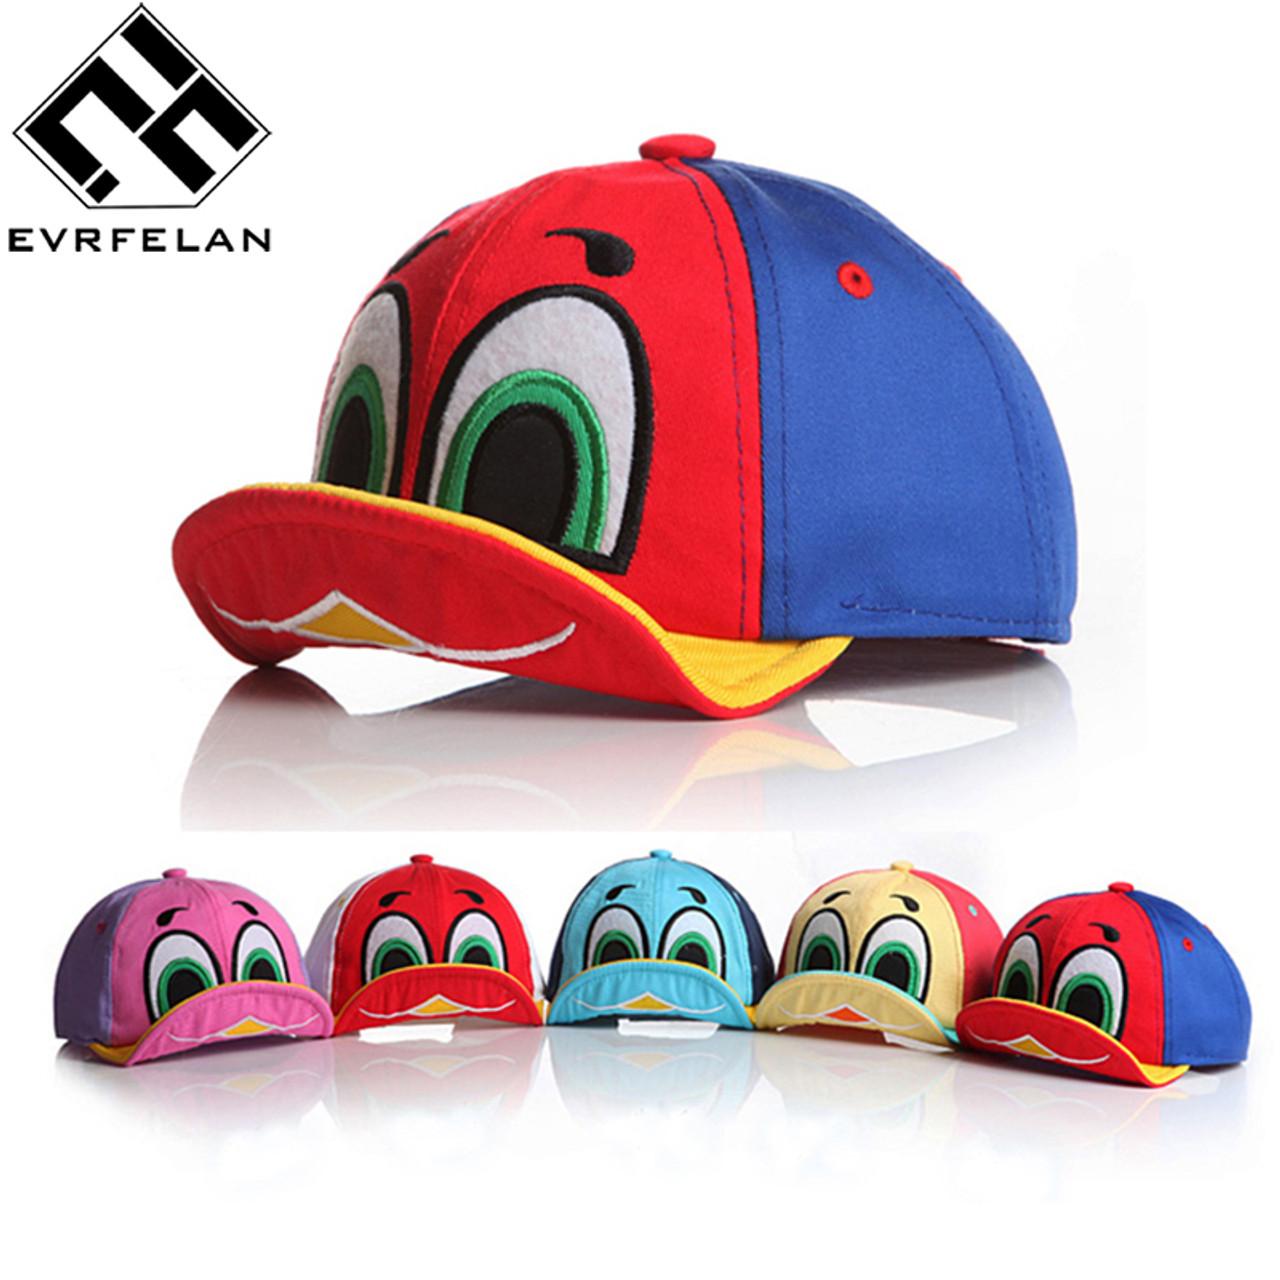 c269d6d8130 2018 New Cute Duck Design Baby Baseball Hat Cap For Boys Girls Sun Hat Kid  Hat Children Cap Snapback Cap Outdoor Sports - OnshopDeals.Com